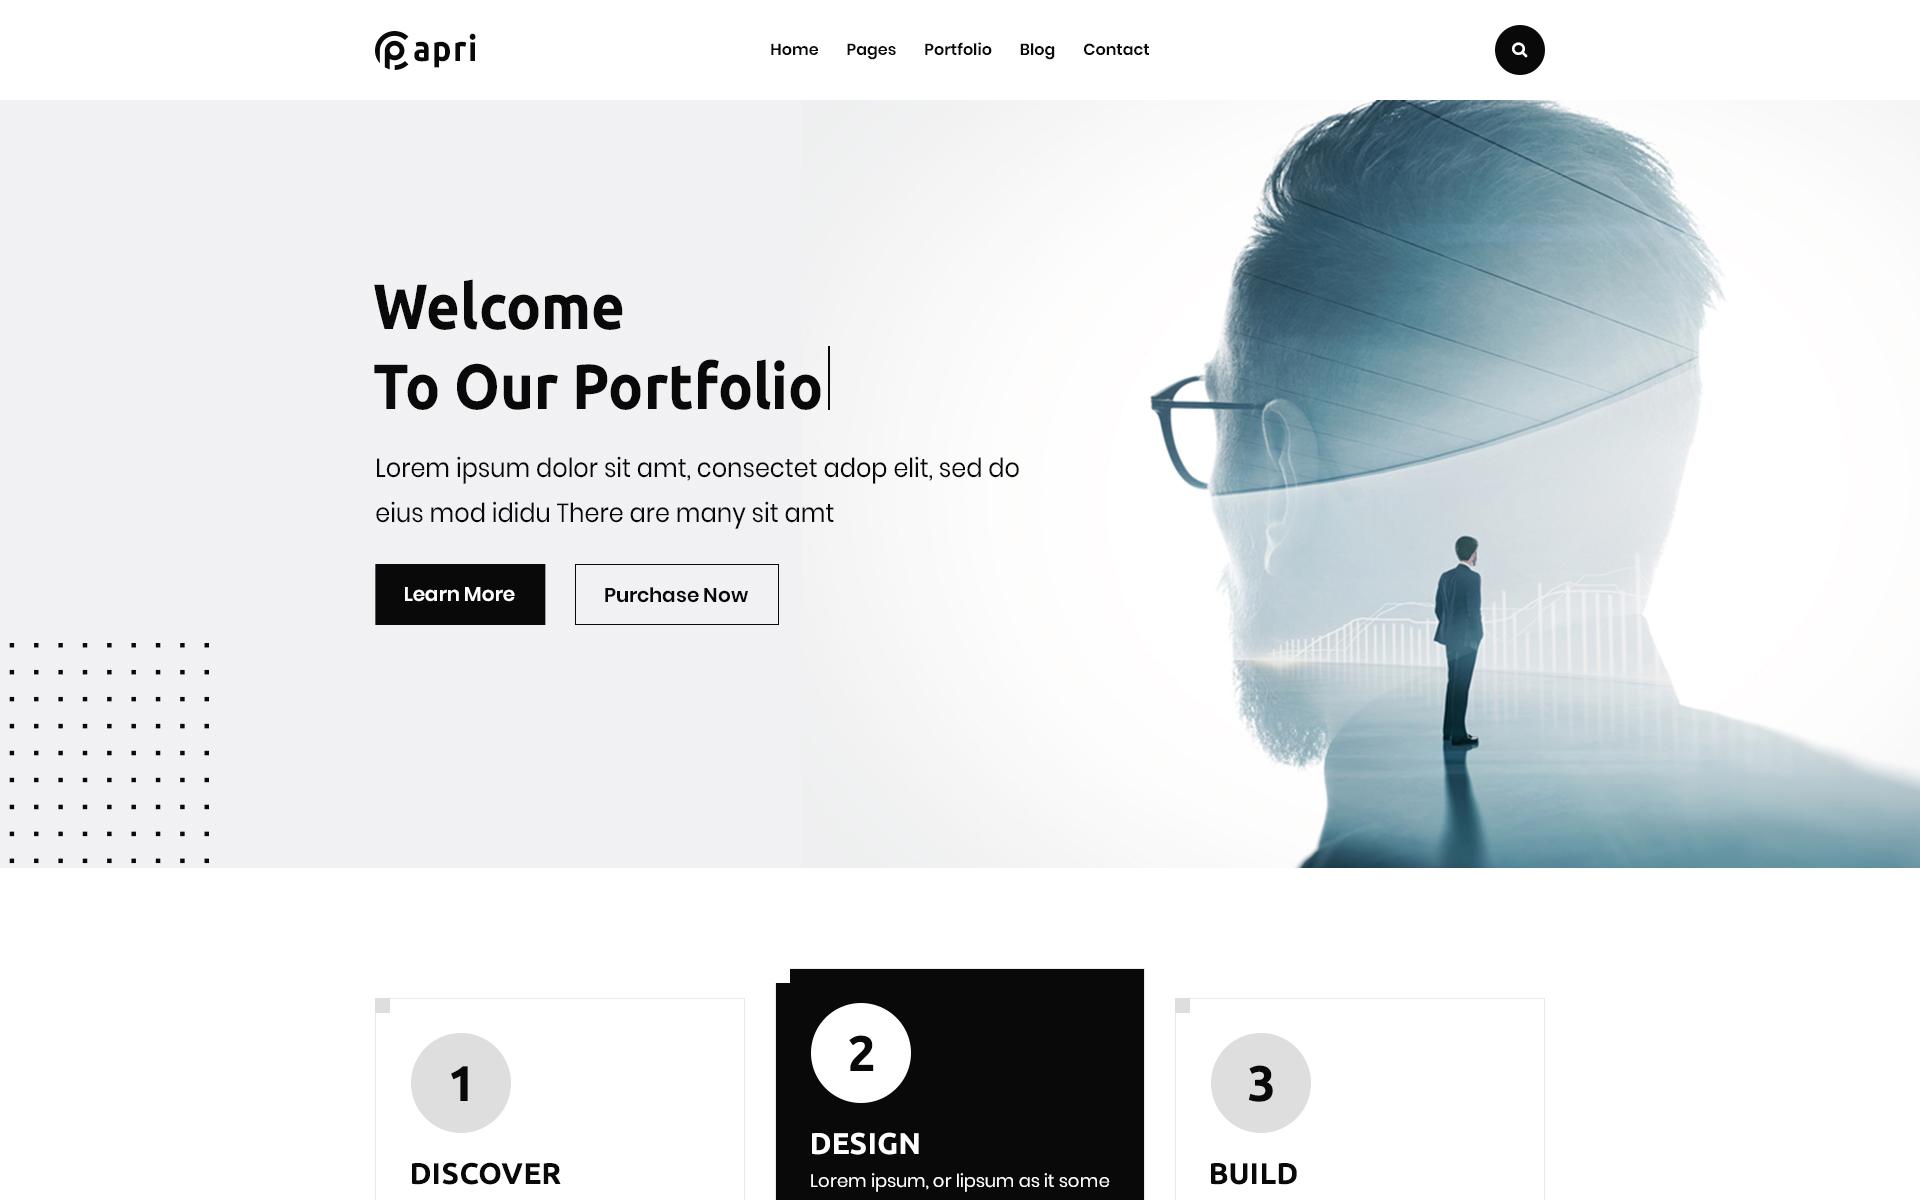 Papri - Portfolio Creative WordPress Theme